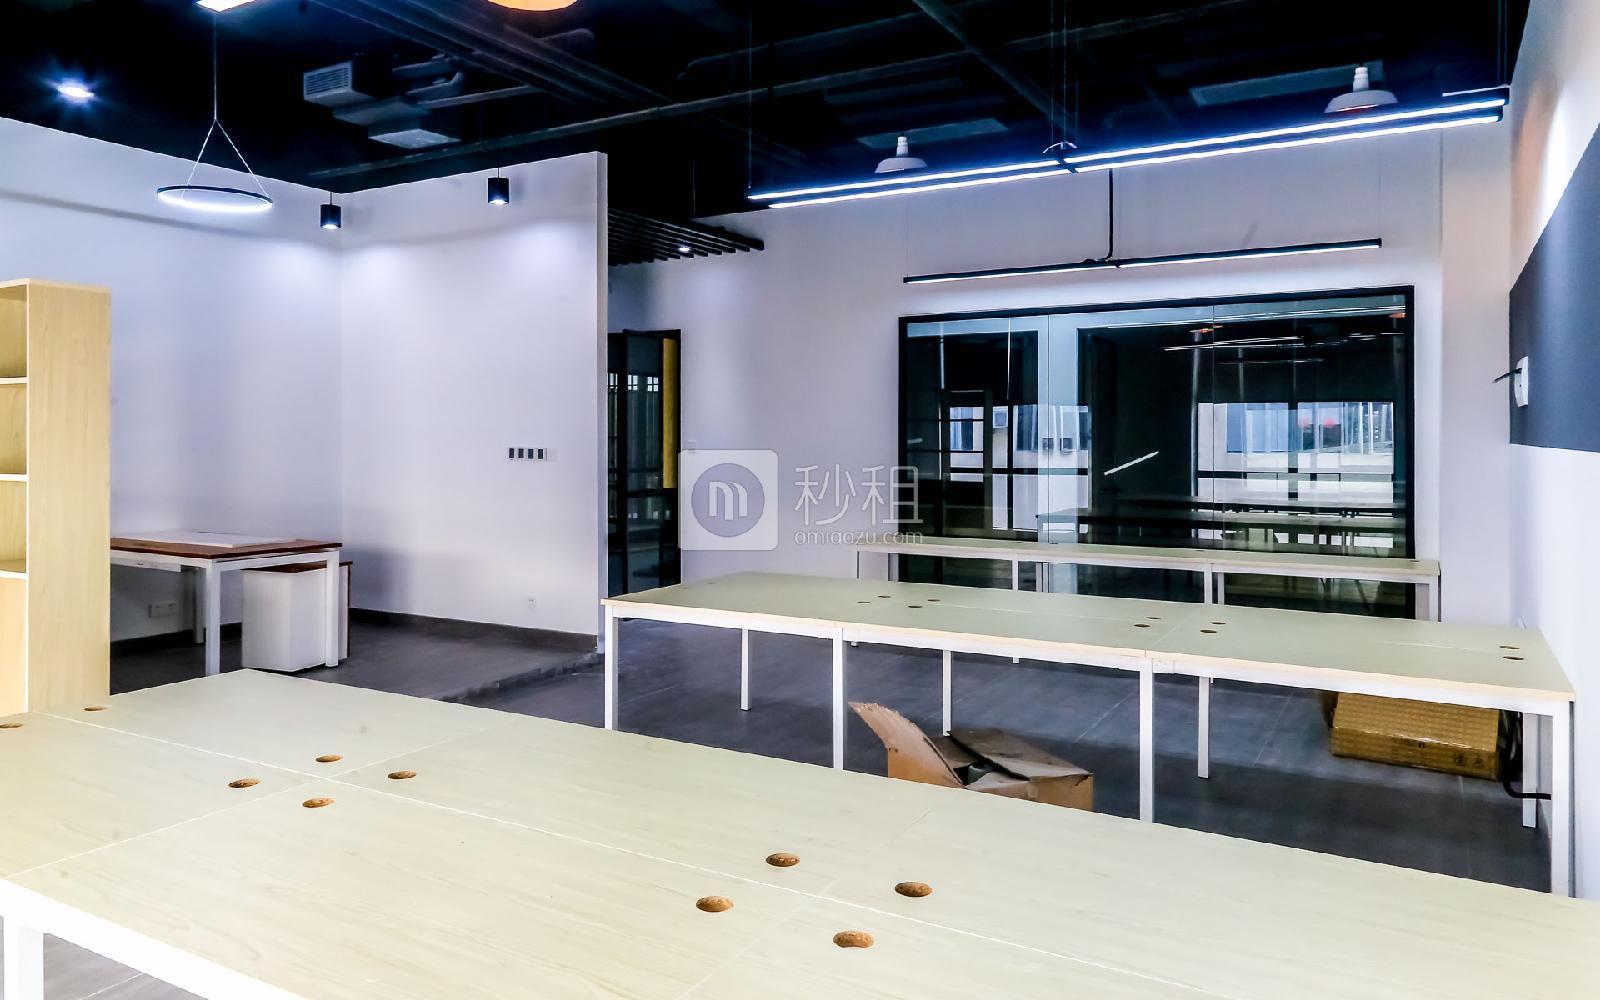 硅谷大院写字楼出租64平米精装办公室8080元/间.月